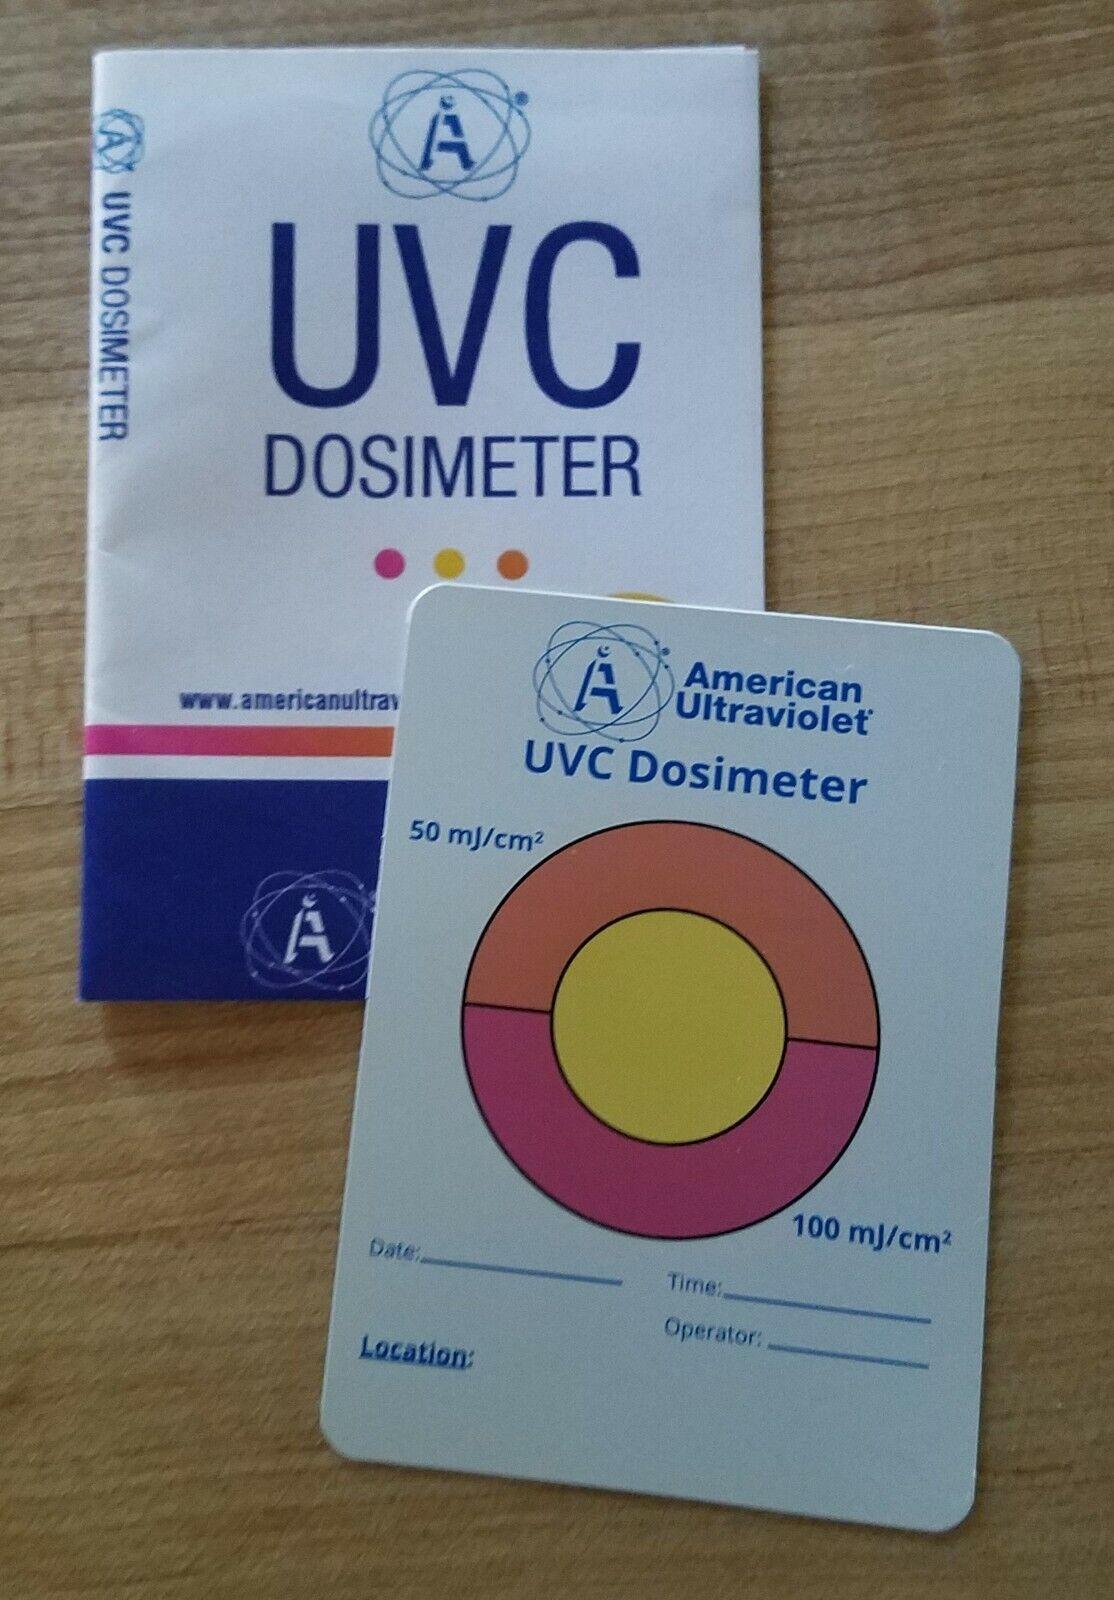 UVC TEST CARD Dosimeter UV-C germicidal TEST for UV LED light sanitizing lamp